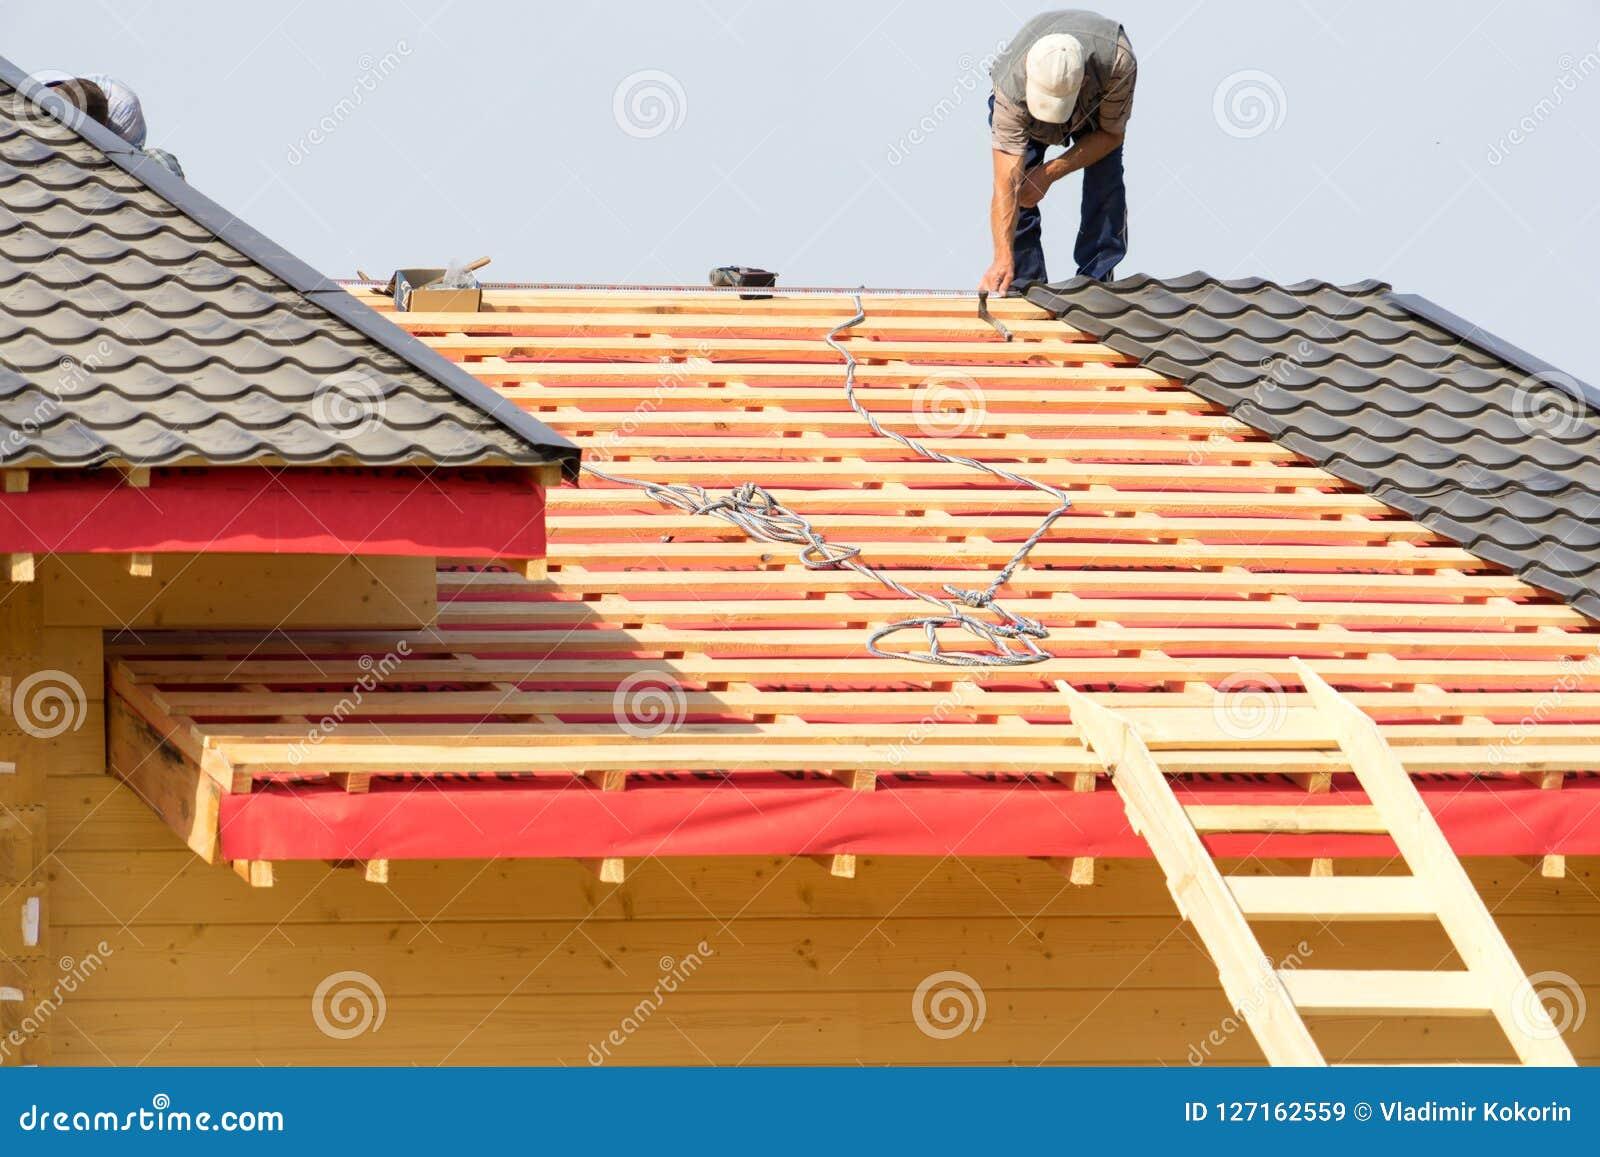 Arbetare bygger ett tak på huset